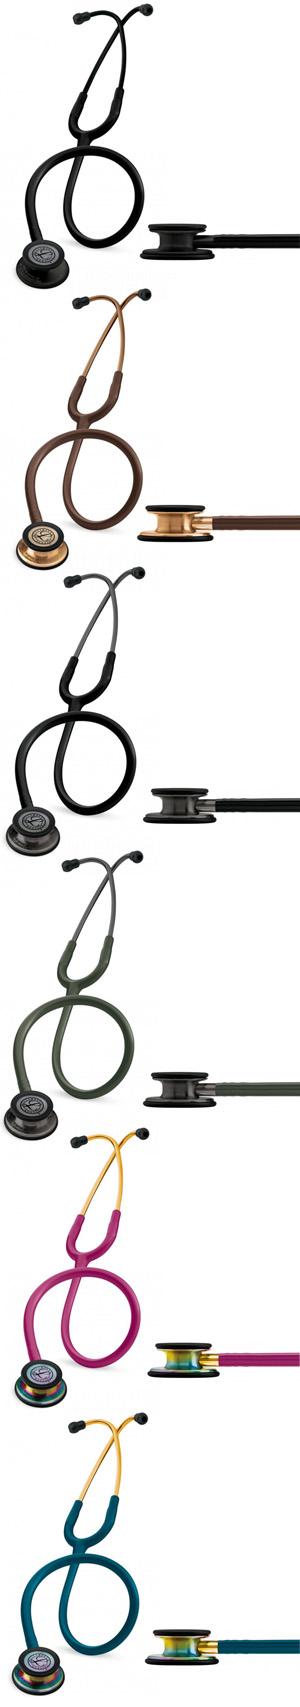 Stetoskop Littmann Classic III edycje specjalne